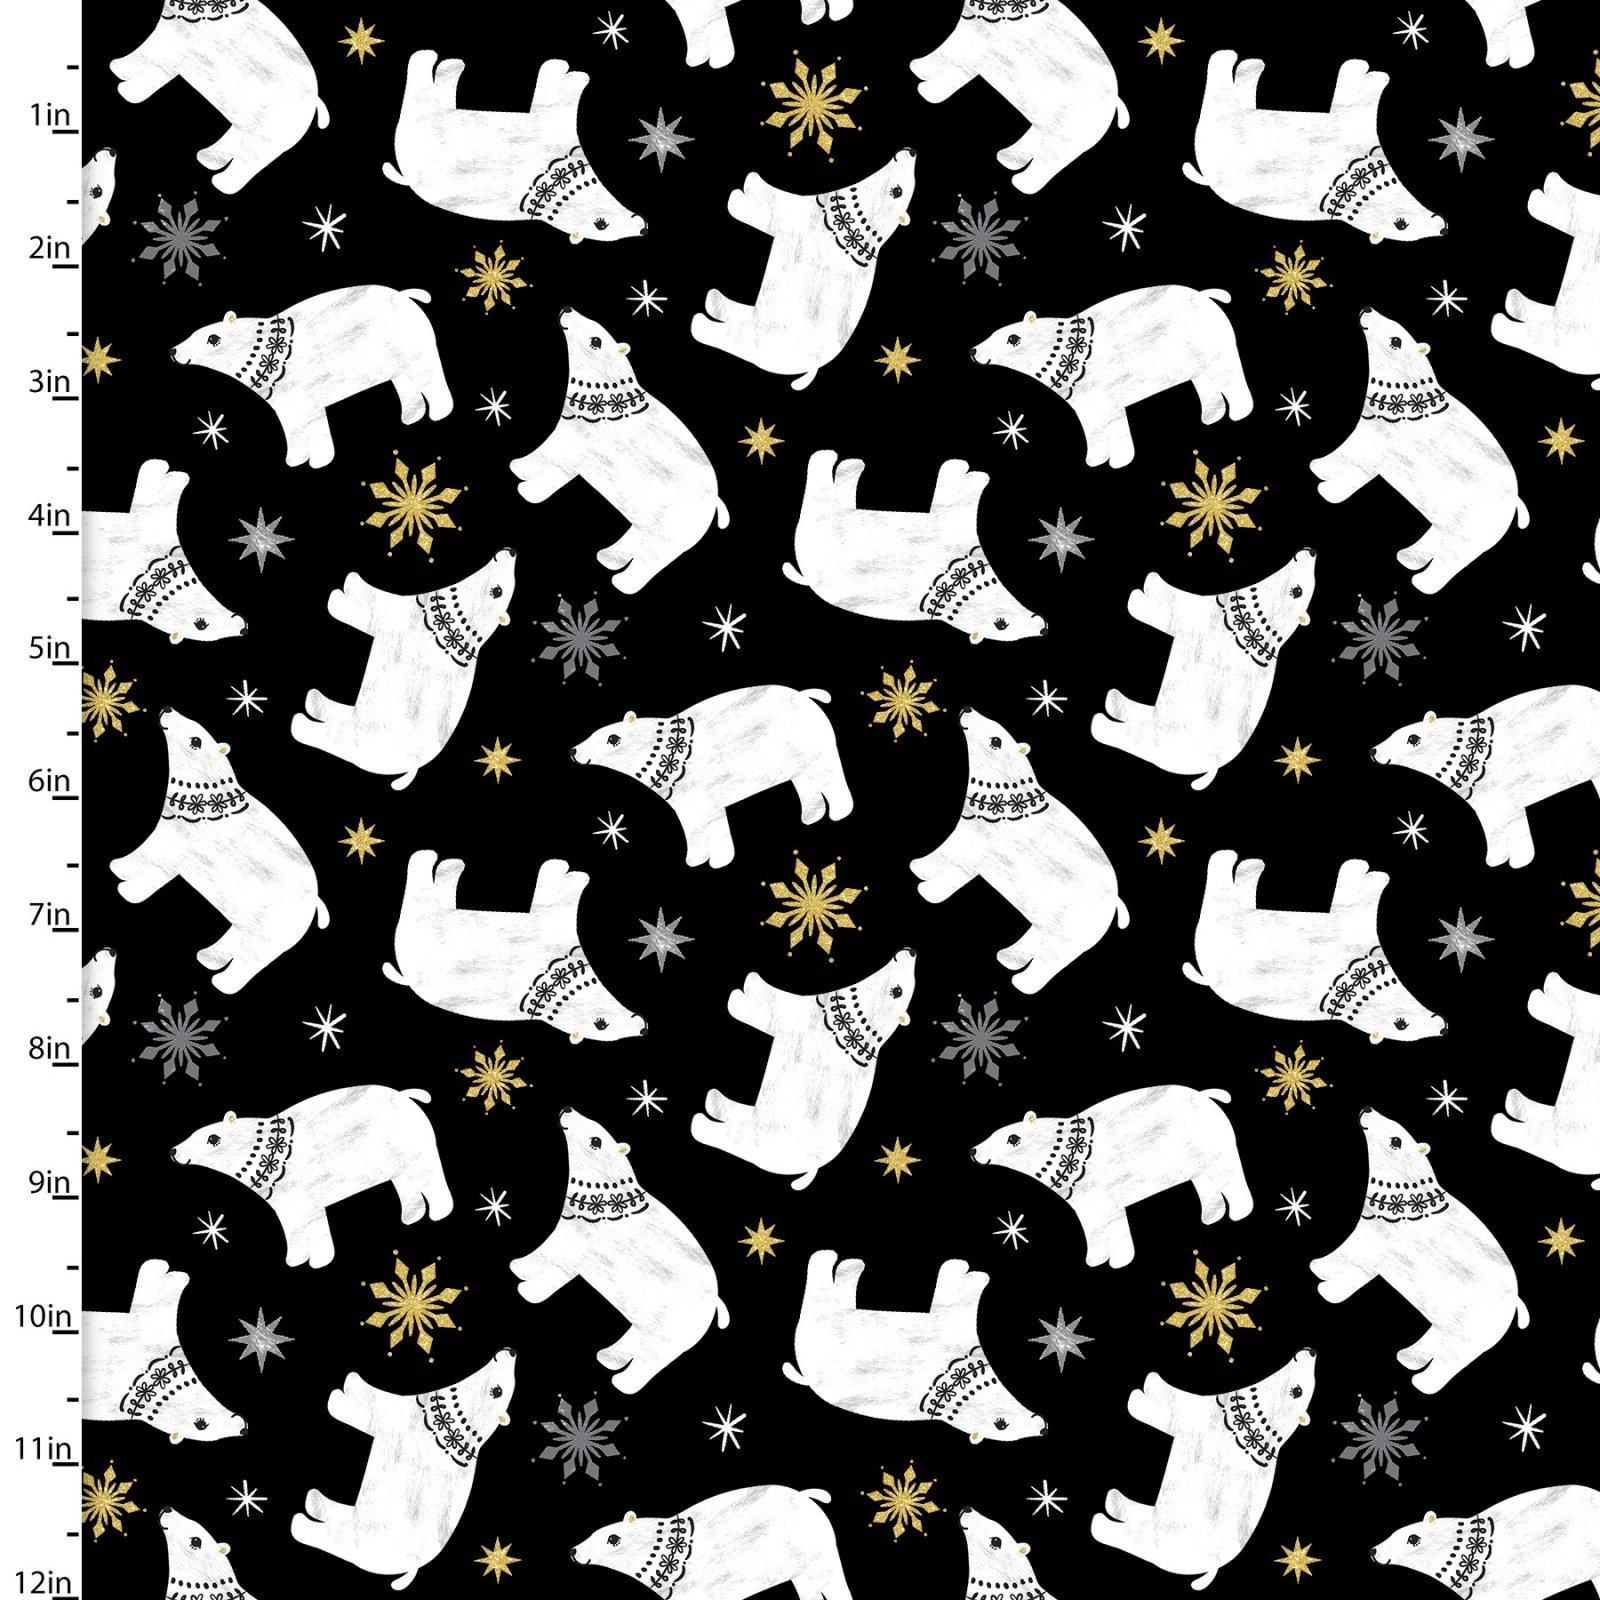 Peace on Earth - Polar Bears - Black